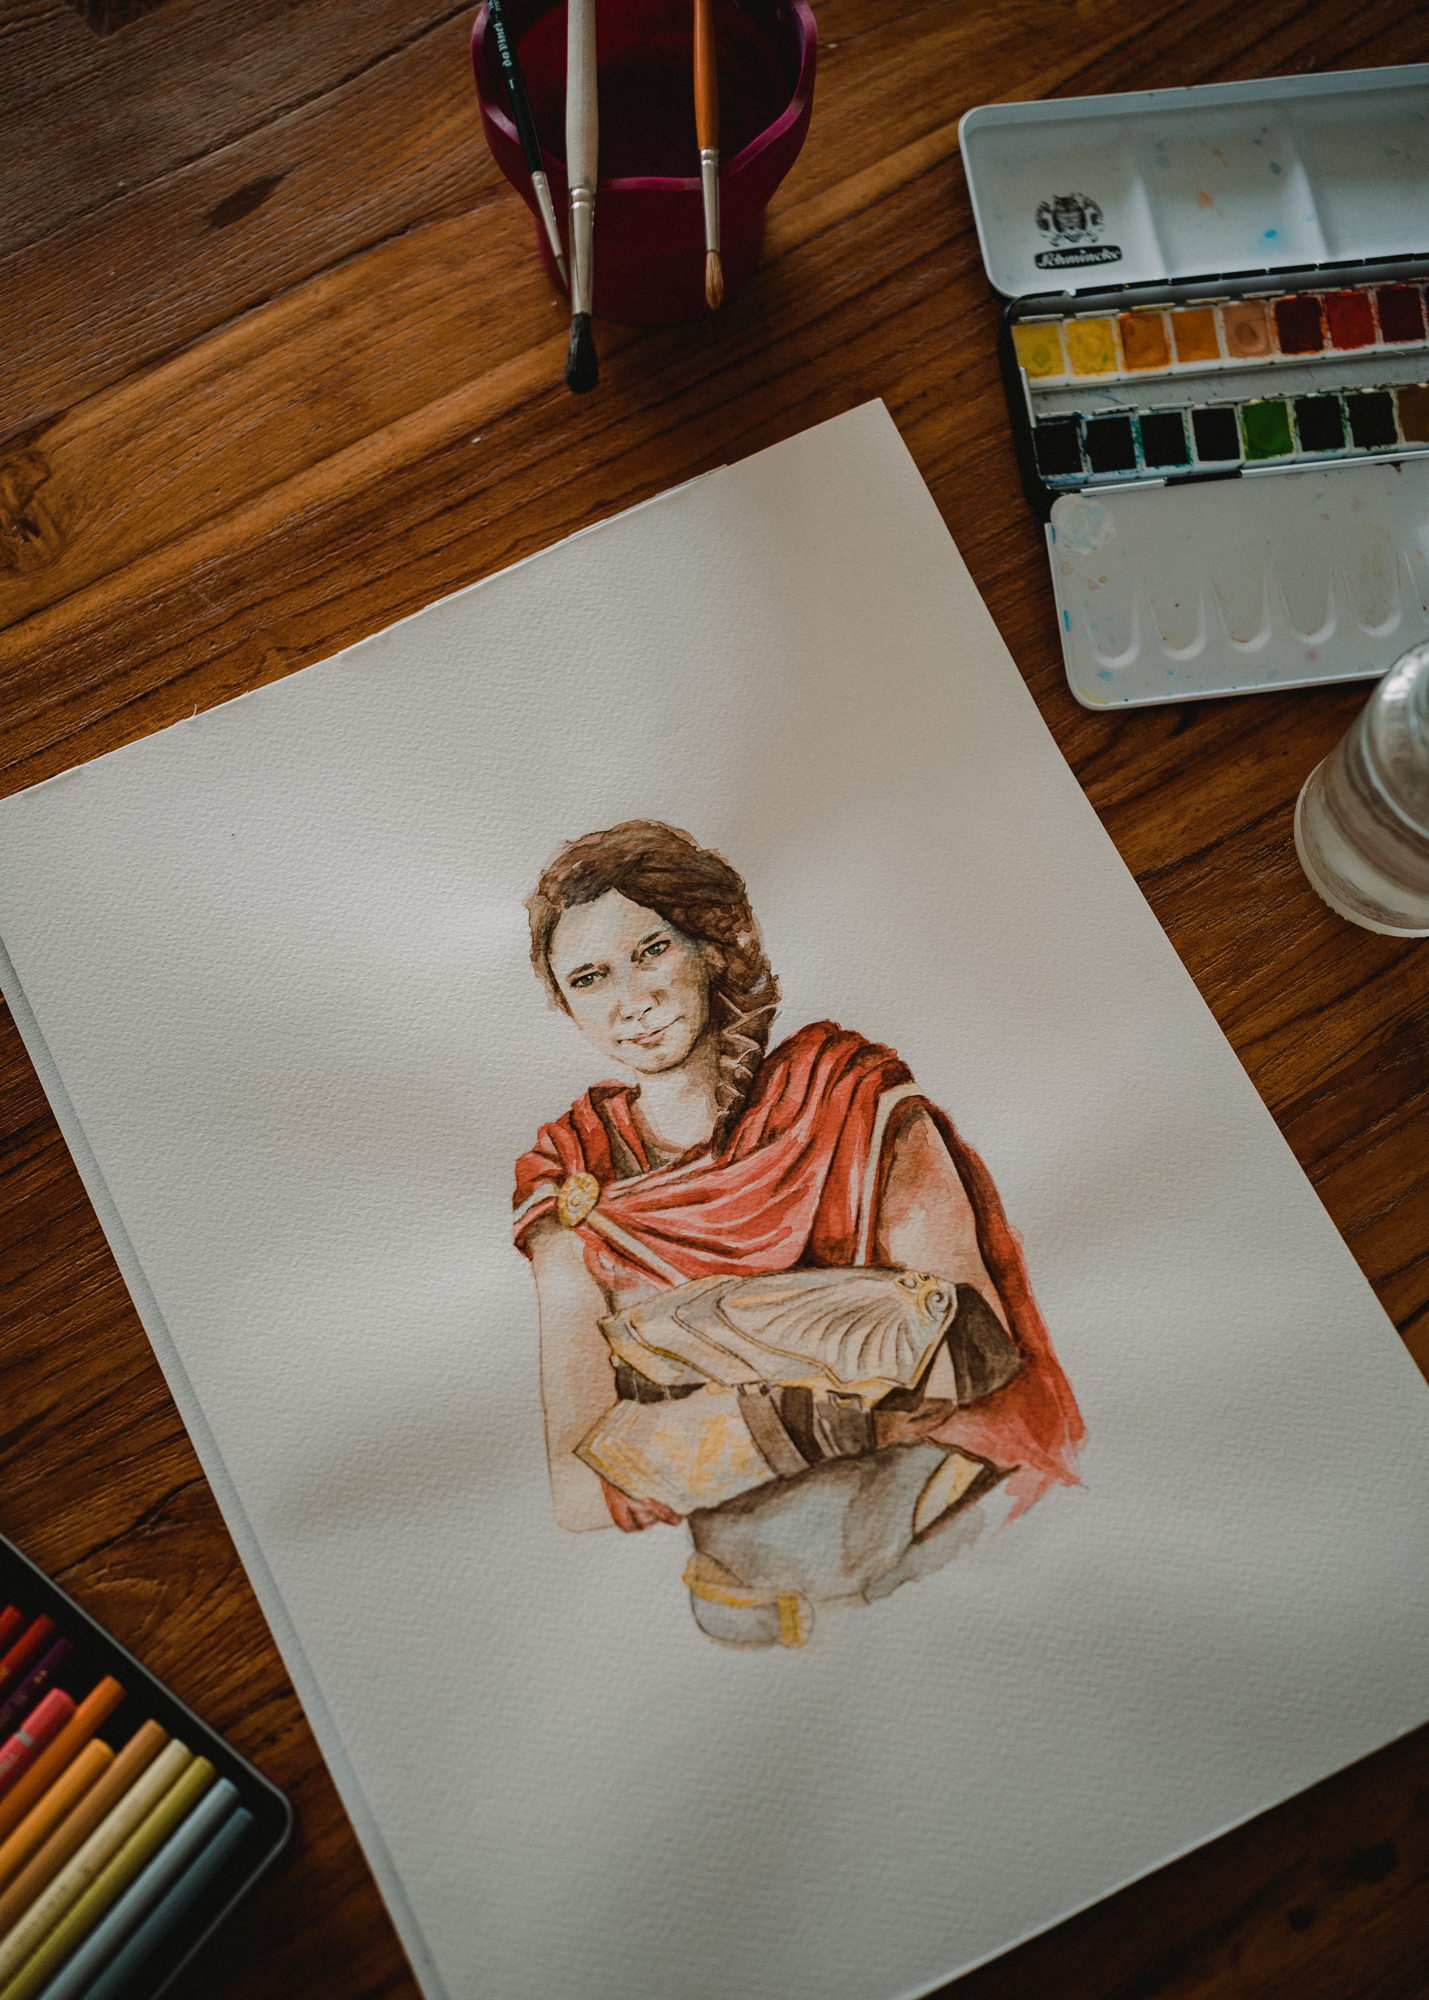 Das Foto zeigt ein Aquarell-Porträt einer jungen Frau im Kostüm der griechischen Heldin aus dem Computerspiel